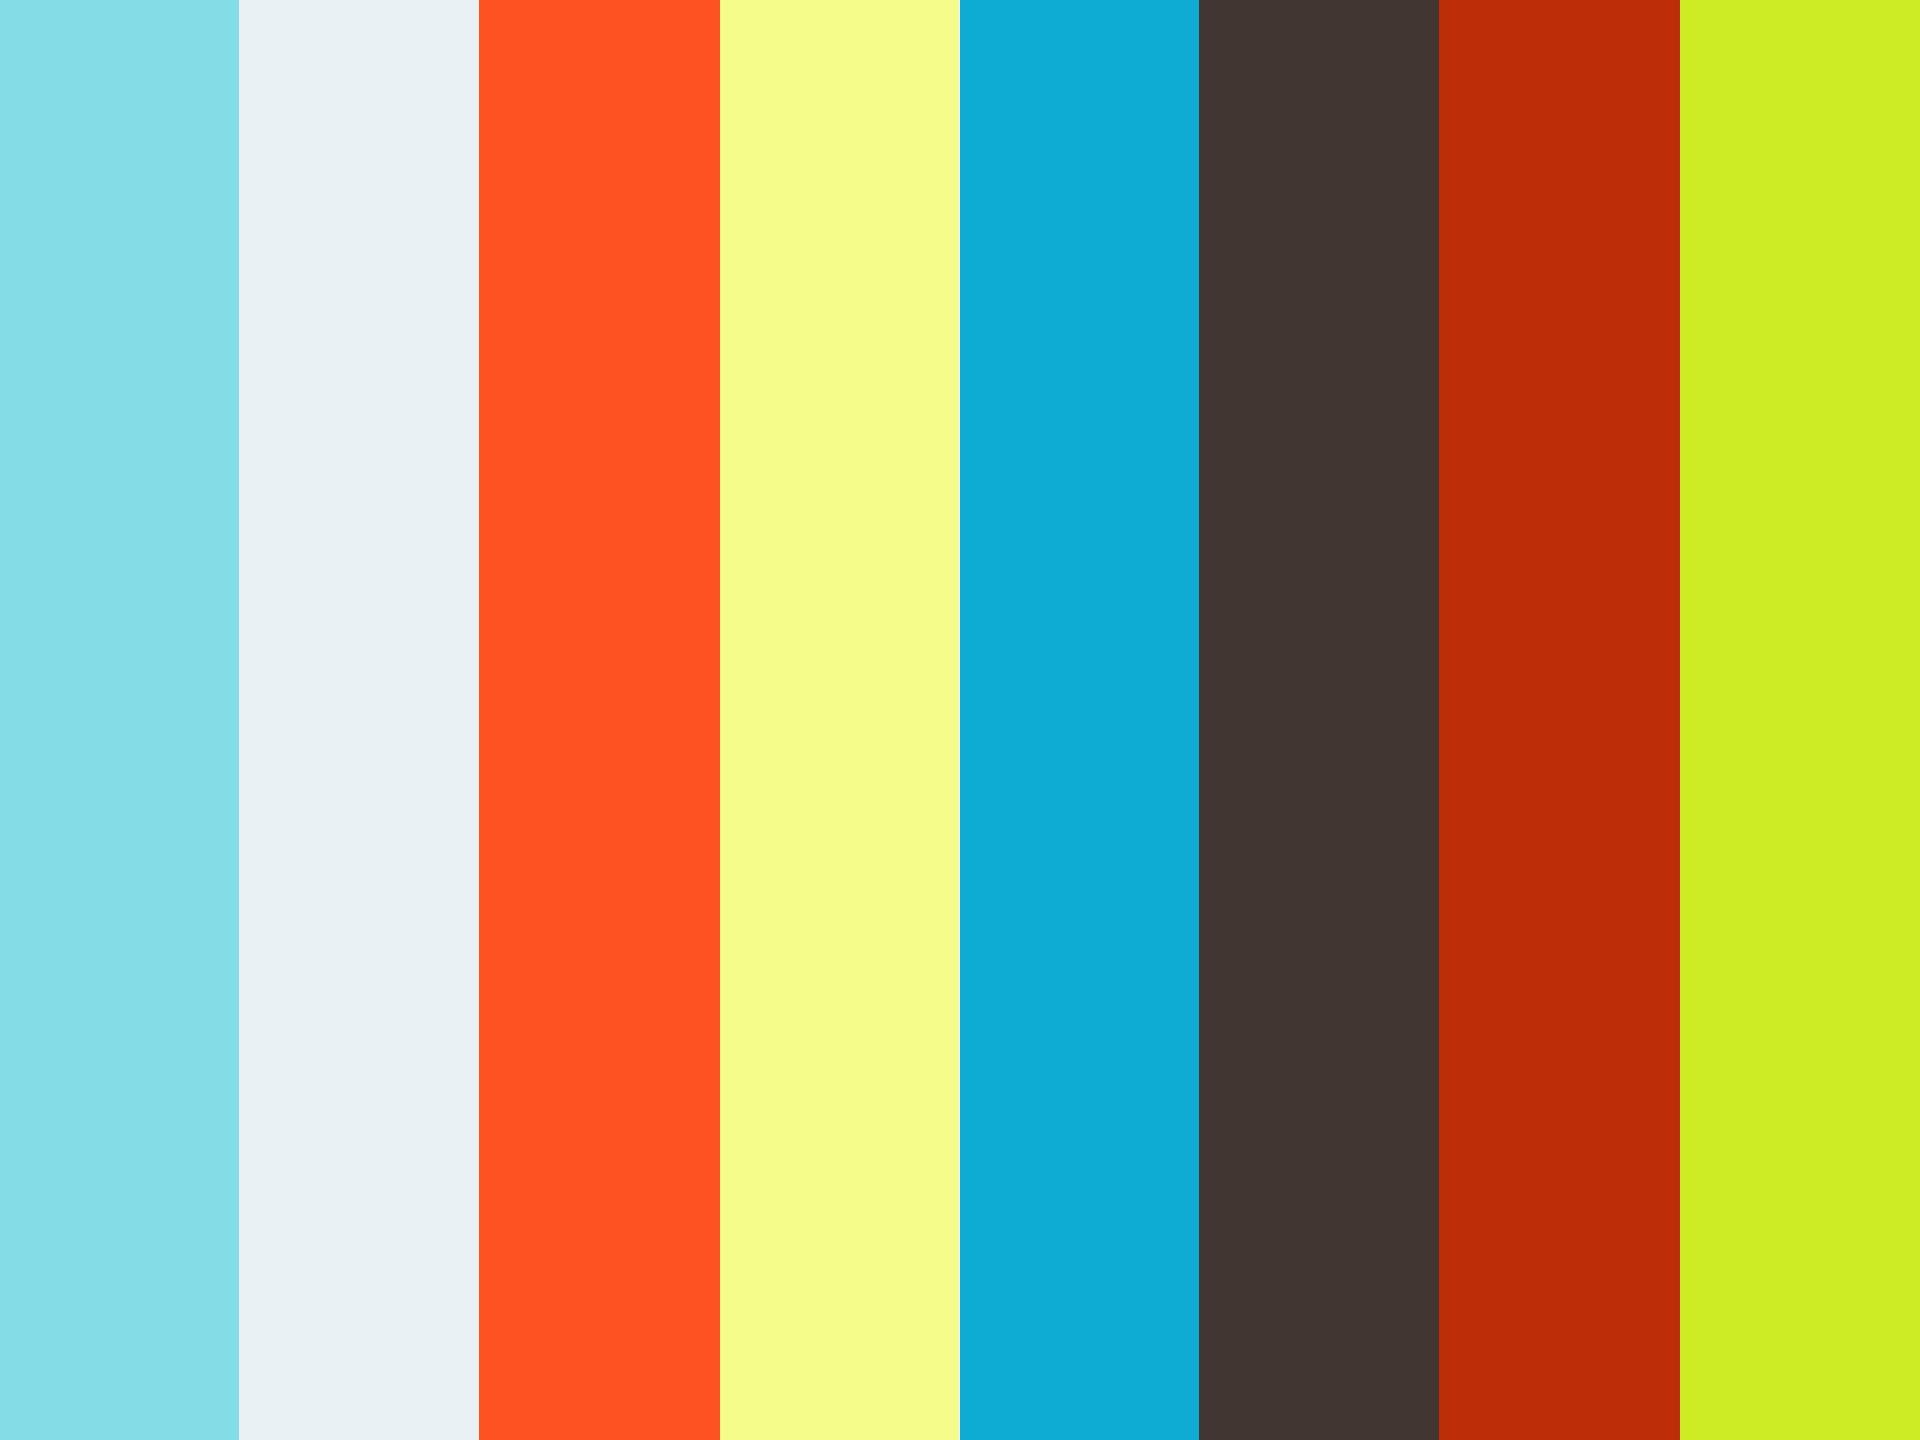 【配信】「審美エリアのインプラント治療における治療戦略」殿塚 量平 先生クリニカル・カンファレンス